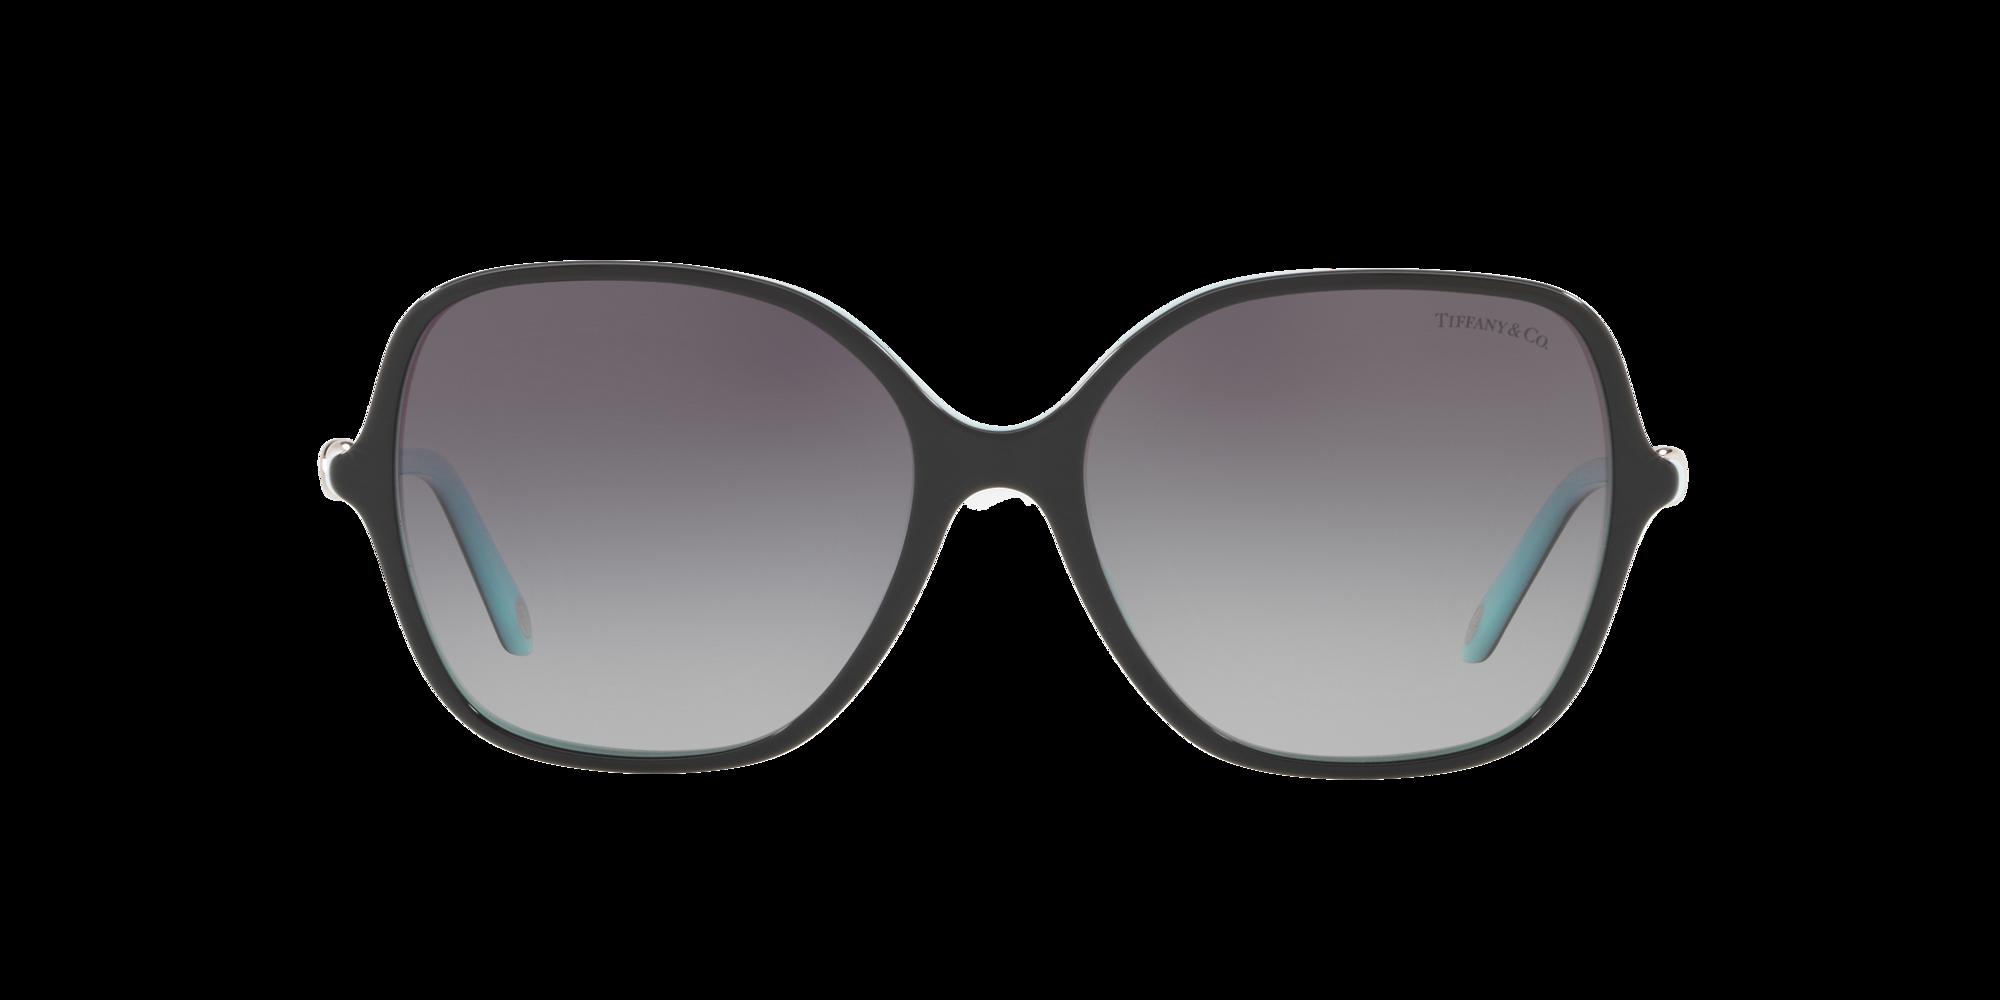 Imagen para TF4145BF 57 de LensCrafters |  Espejuelos, espejuelos graduados en línea, gafas